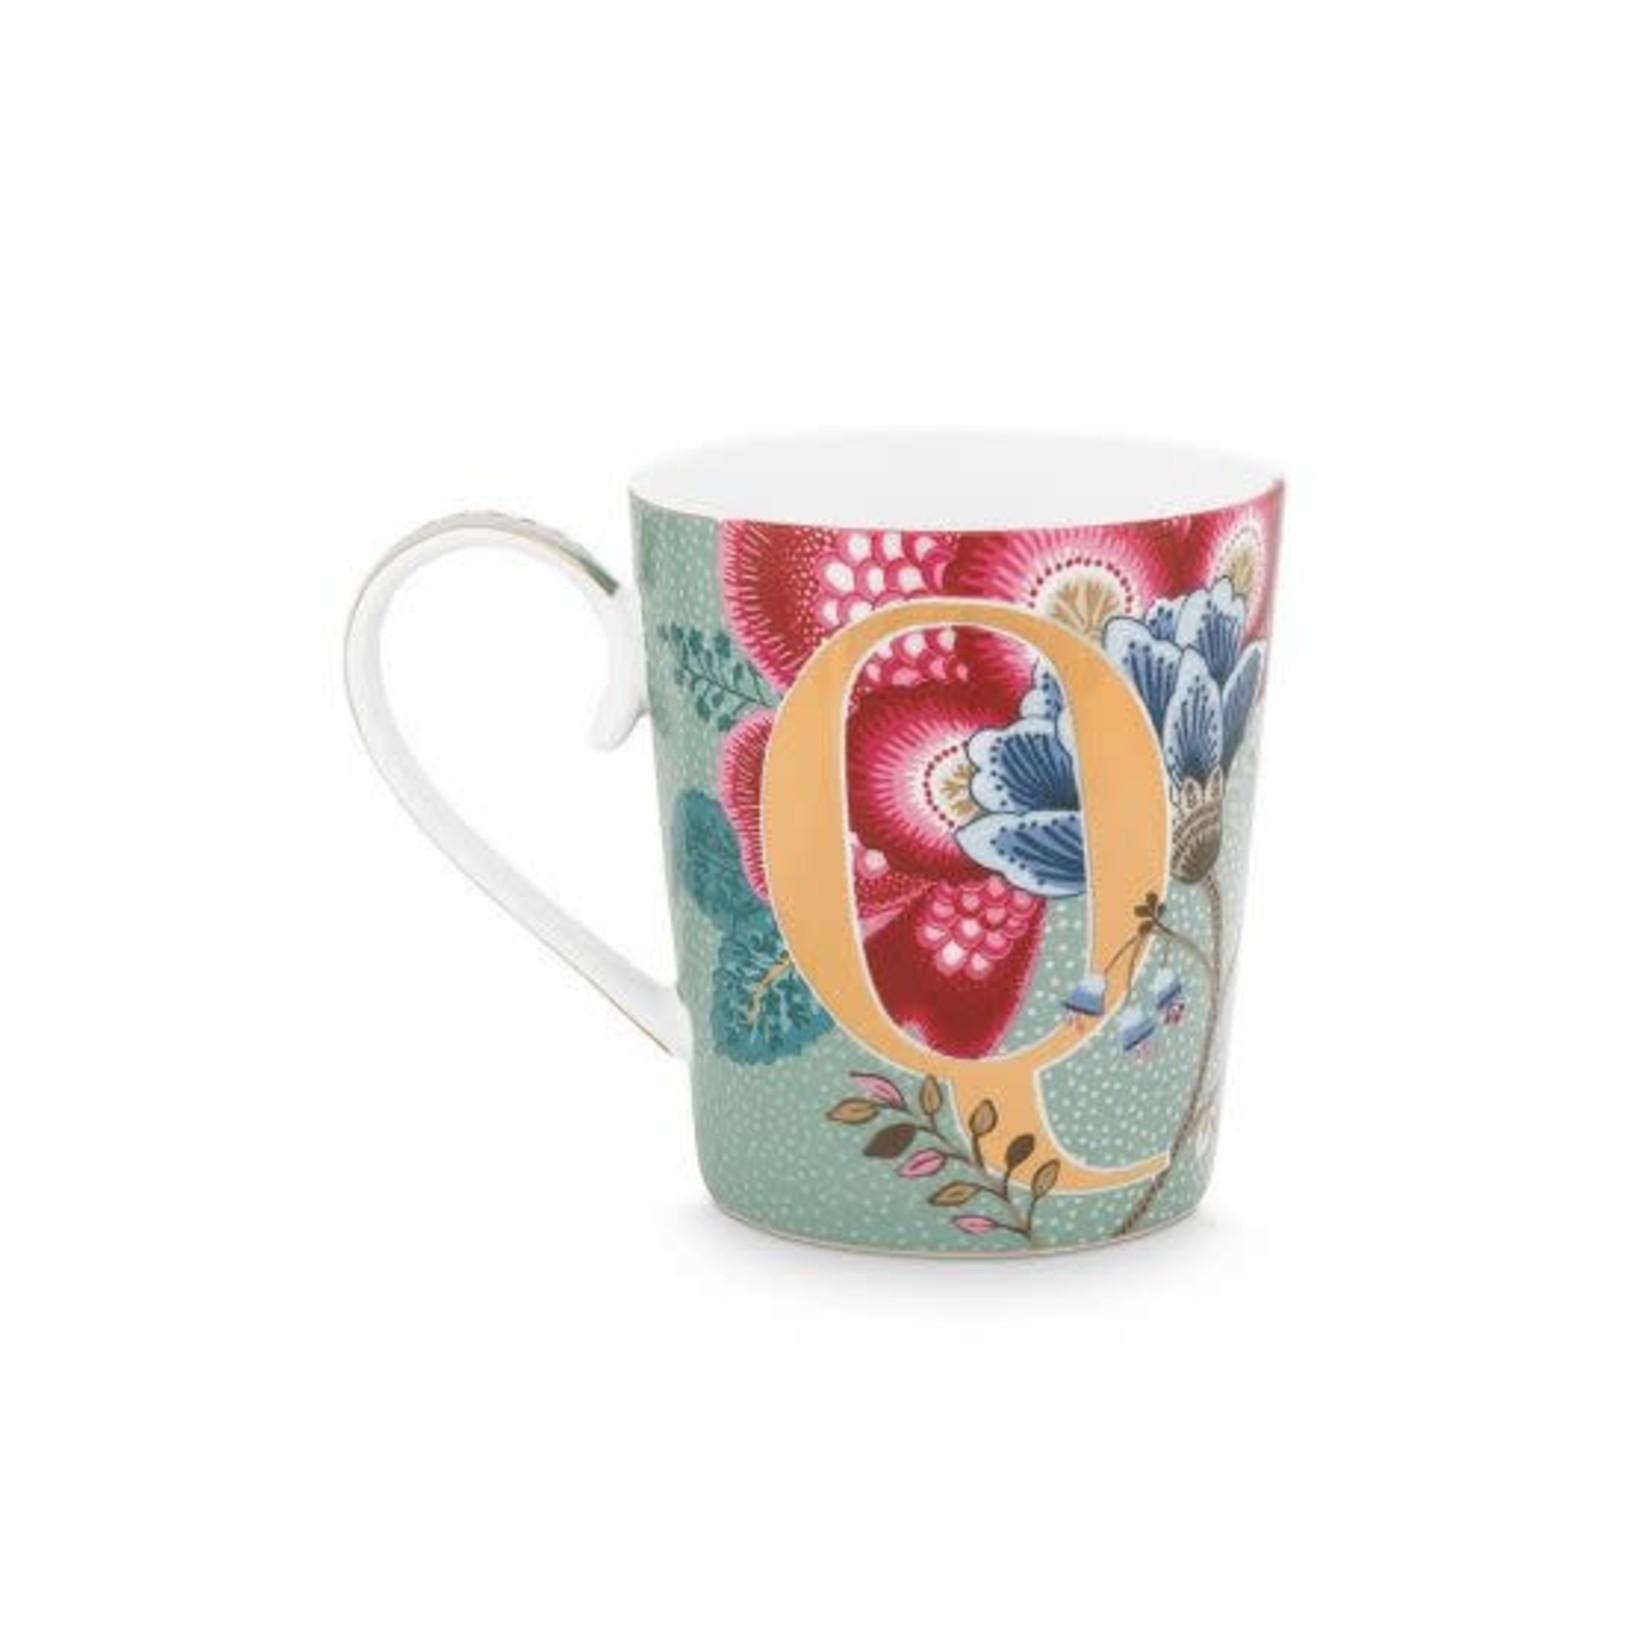 PIP Studio Alphabet Mug Floral Fantasy Light Blue Q 350ml